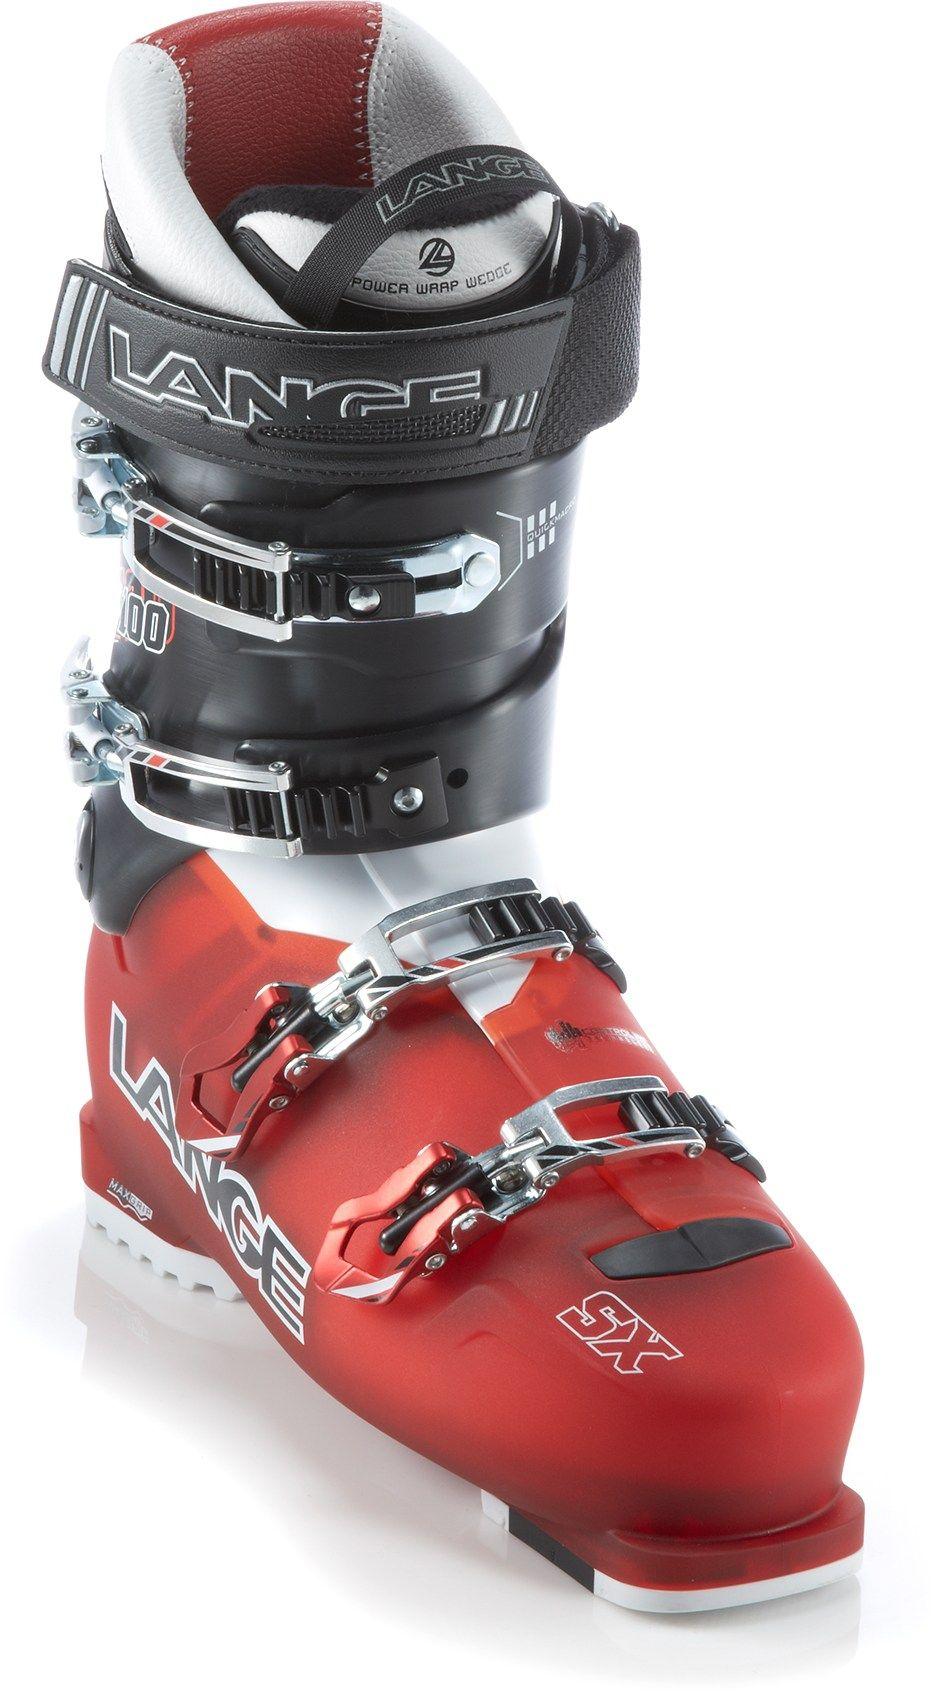 Lange Sx 100 Ski Boots Men S 2013 2014 Rei Co Op Ski Boots Boots Men Boots